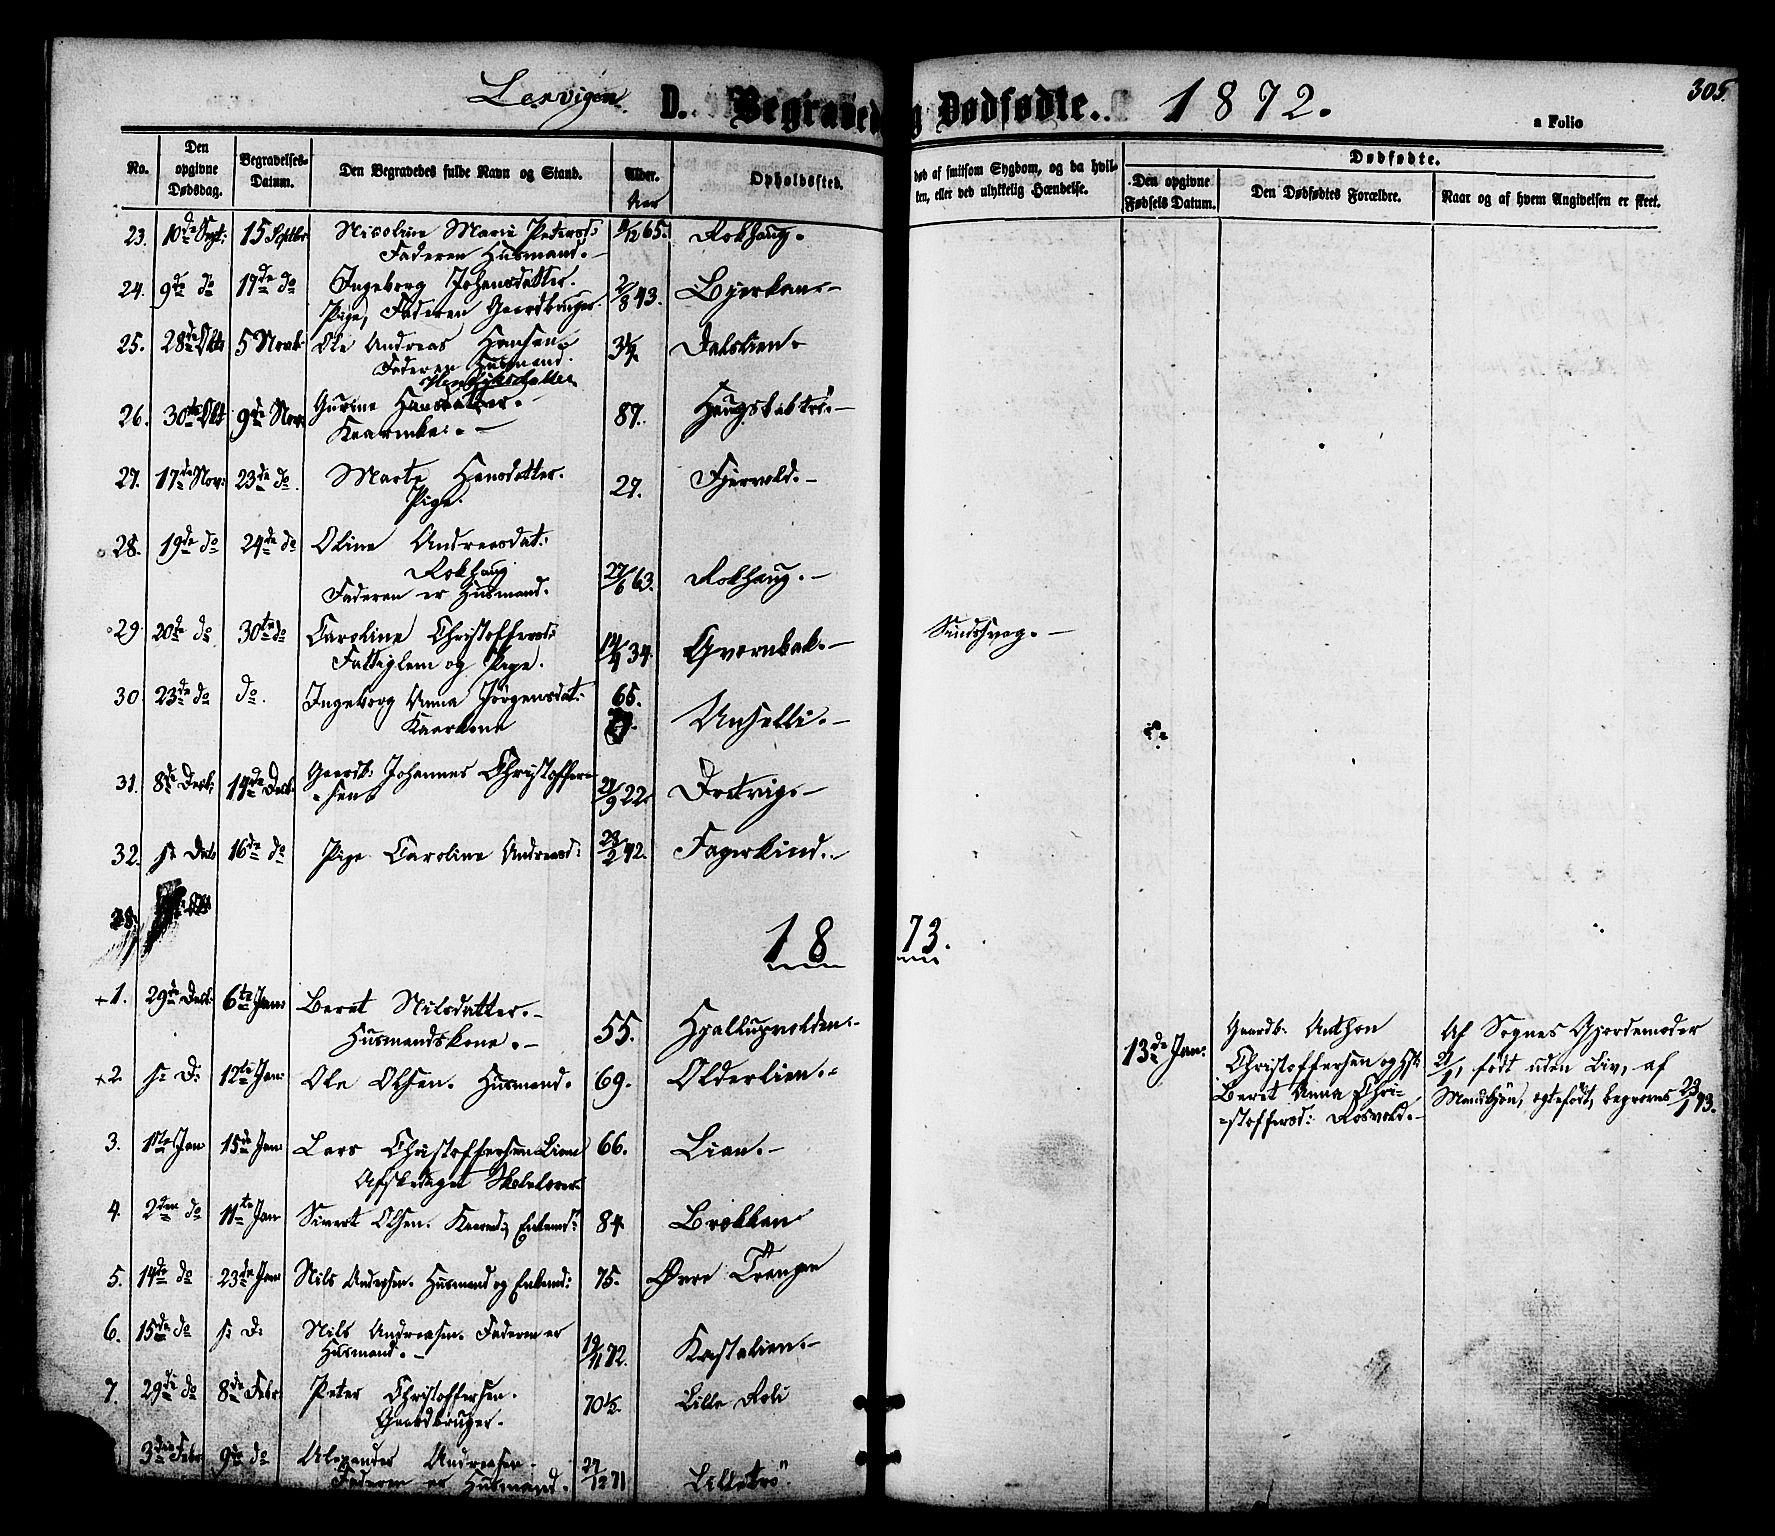 SAT, Ministerialprotokoller, klokkerbøker og fødselsregistre - Nord-Trøndelag, 701/L0009: Ministerialbok nr. 701A09 /1, 1864-1882, s. 305